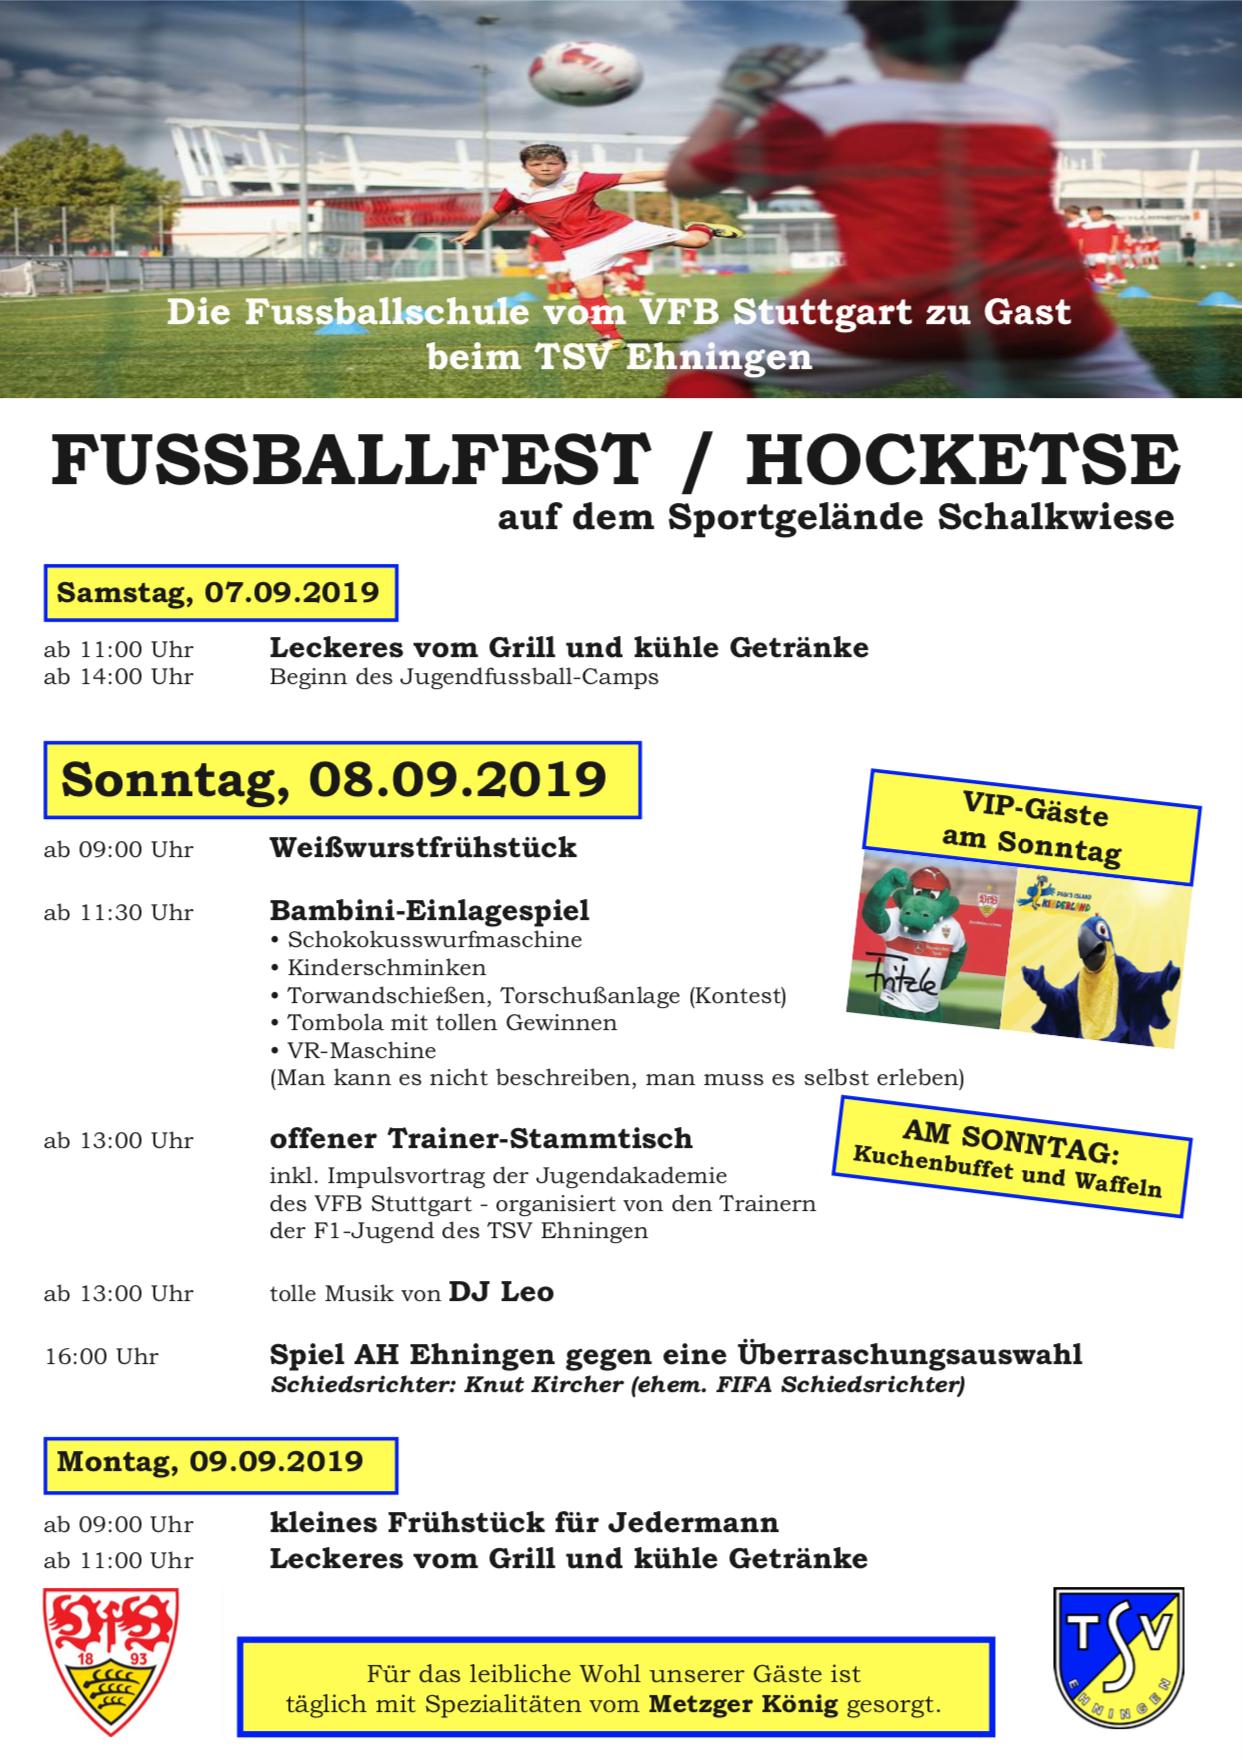 Die Fussballschule des VfB zu Gast beim TSV Ehningen